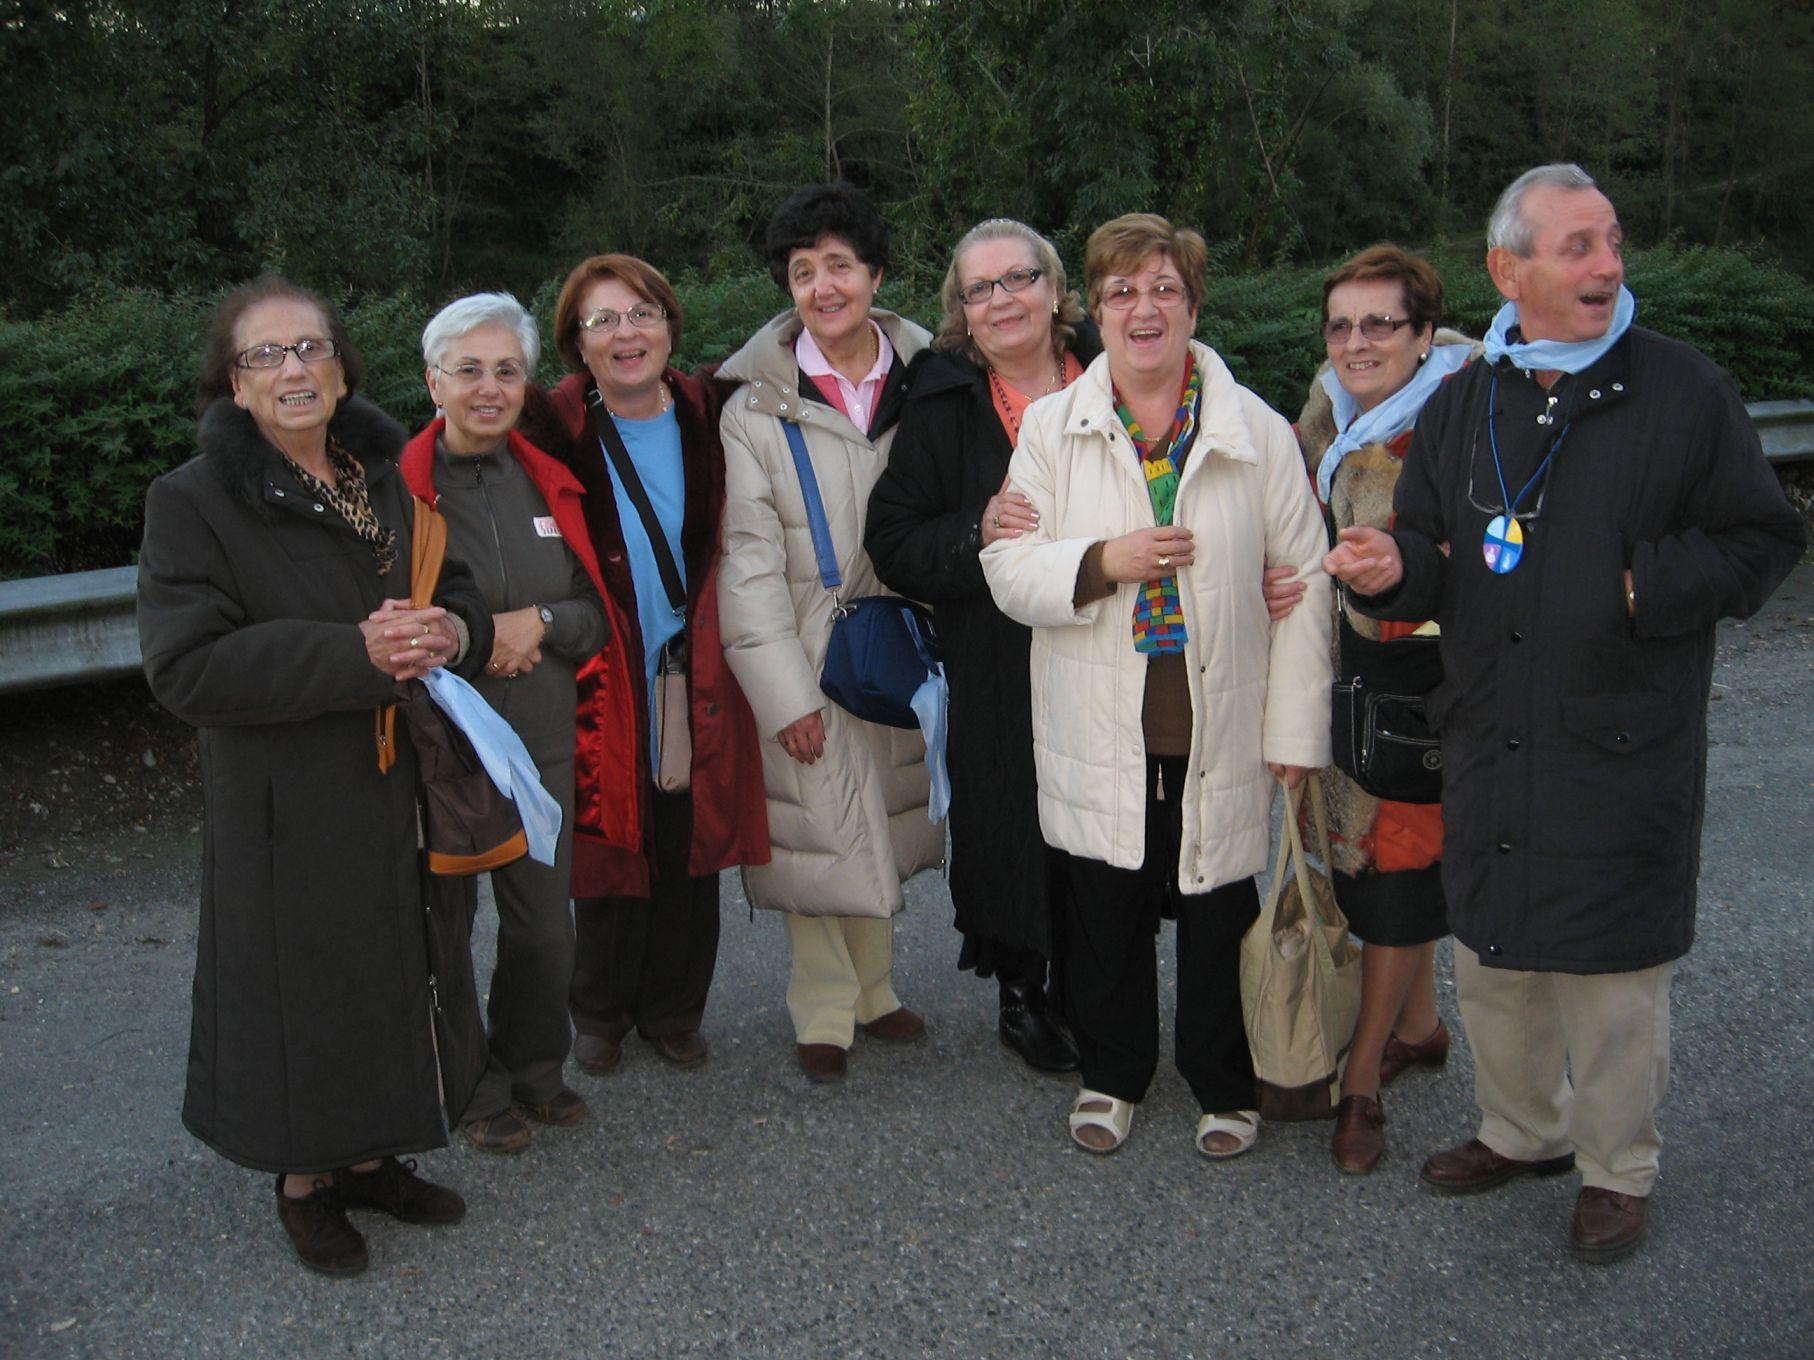 Lourdes-2008-10-26--18.41.48.jpg